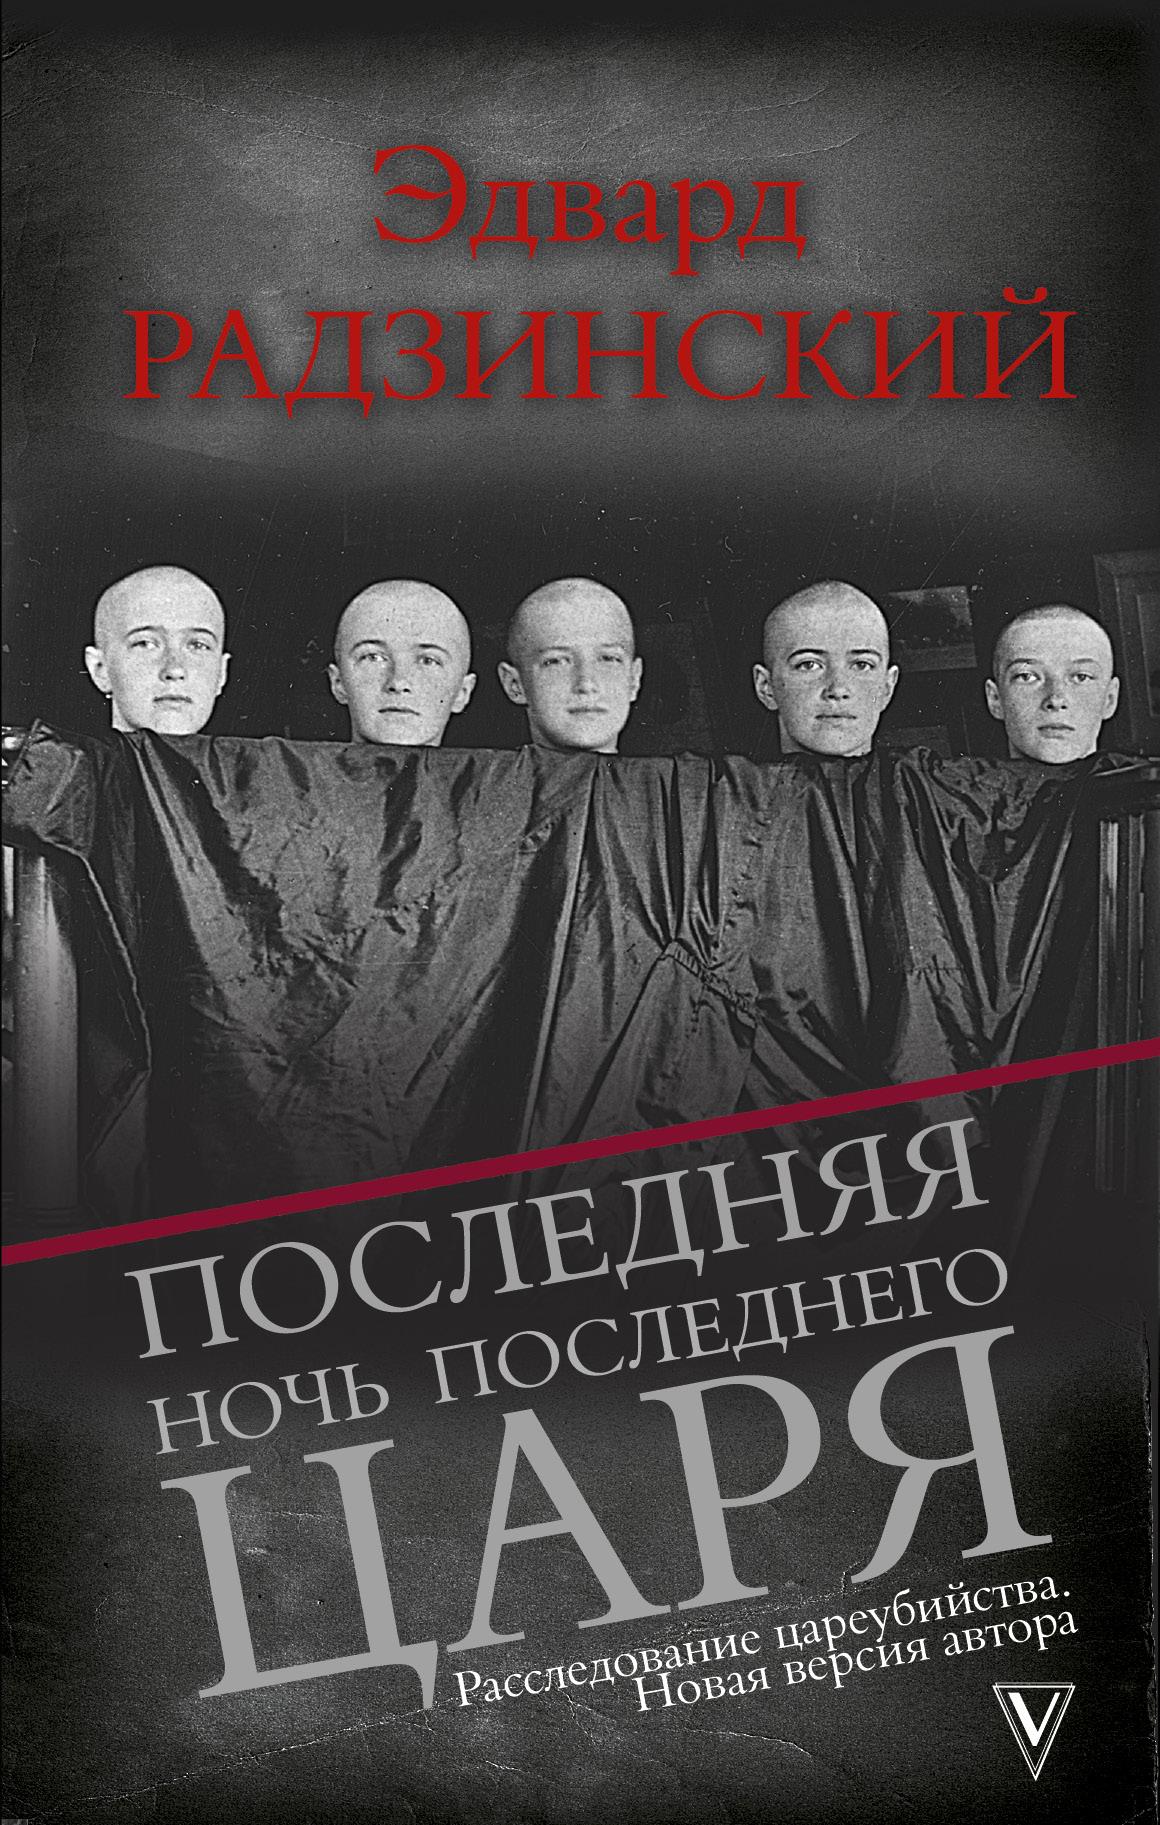 poslednyaya noch poslednego tsarya